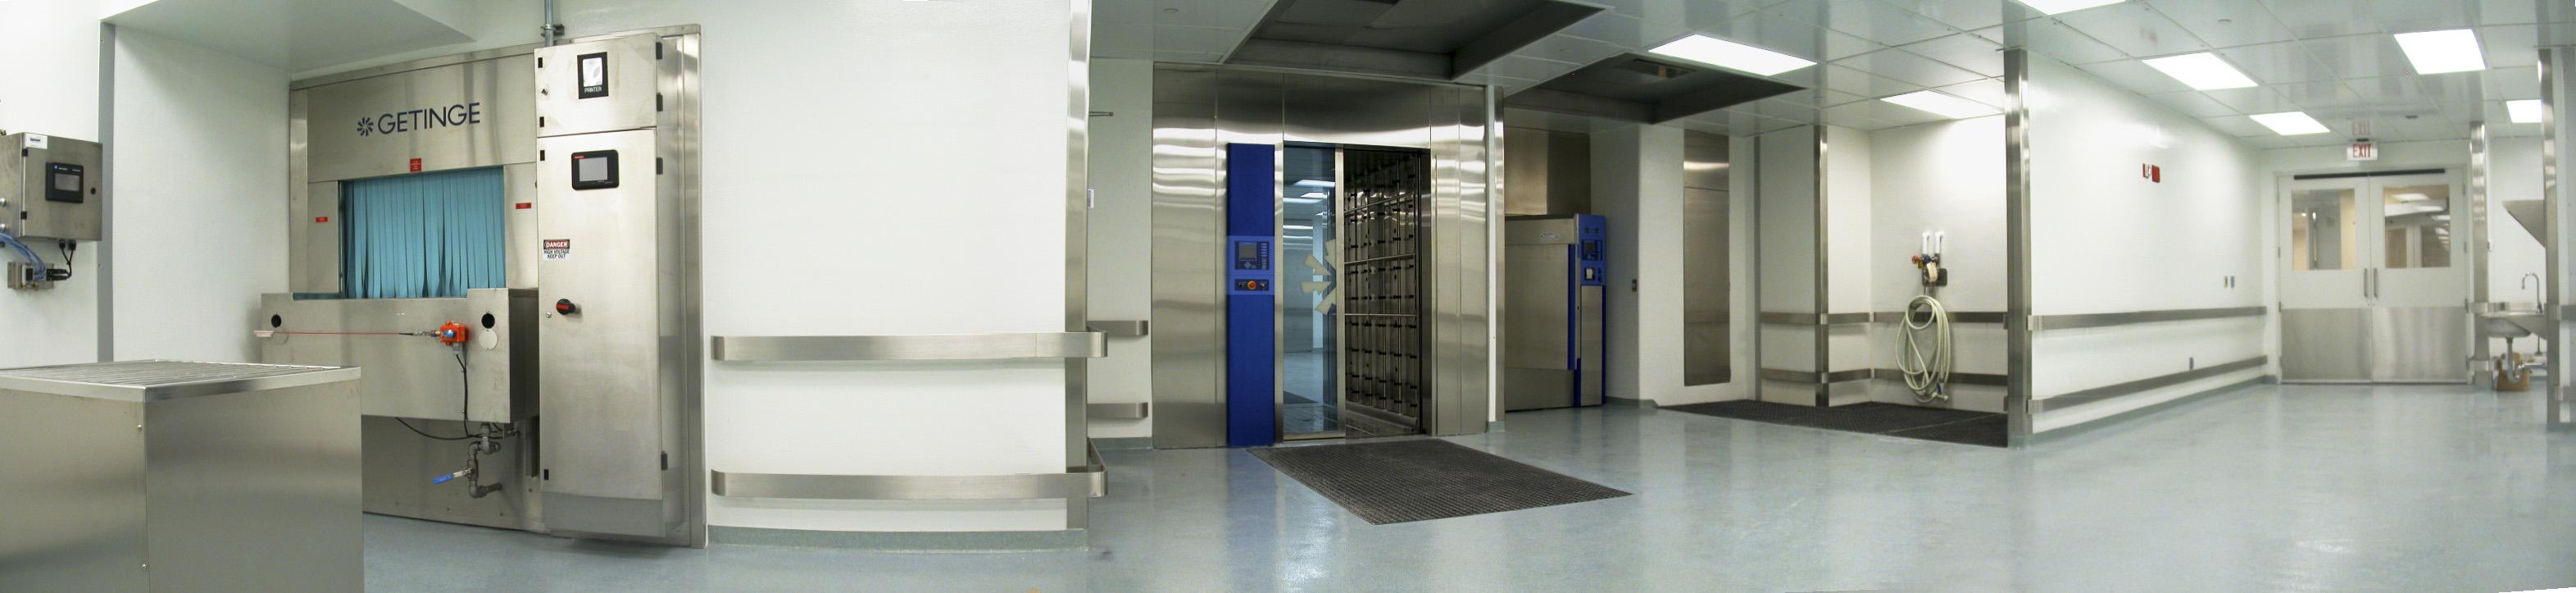 CCBR facility, panorama